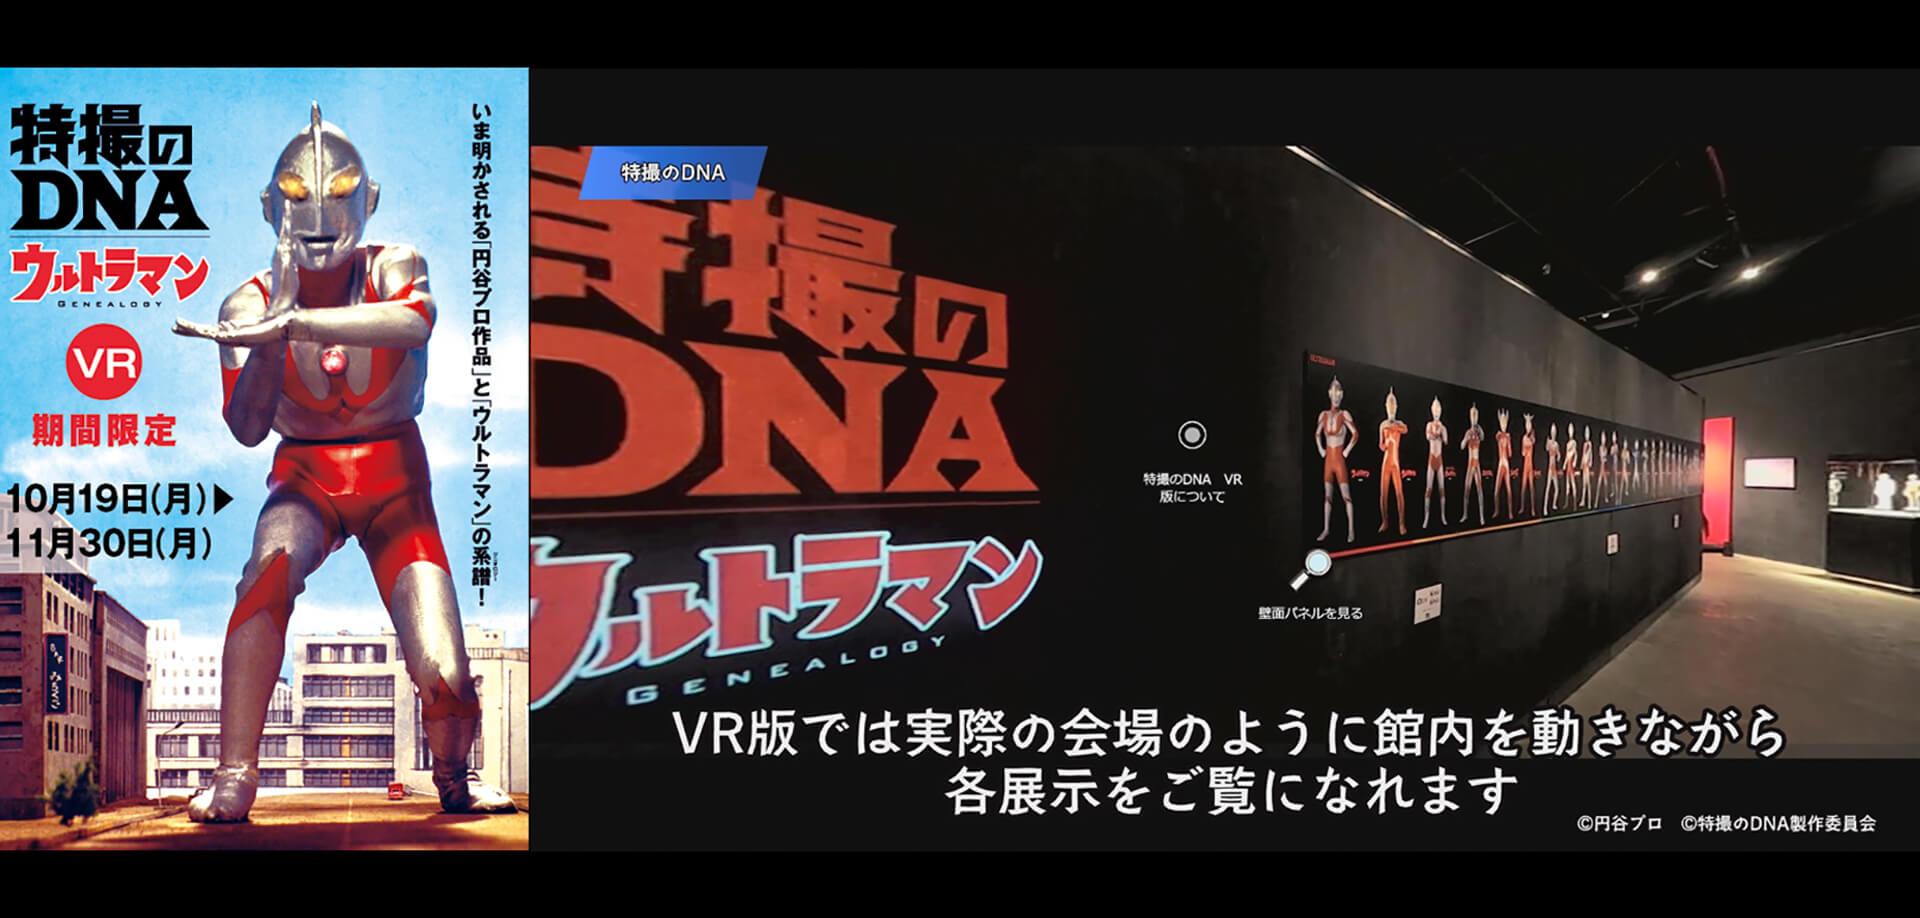 「特撮のDNA―ウルトラマン Genealogy」VR版